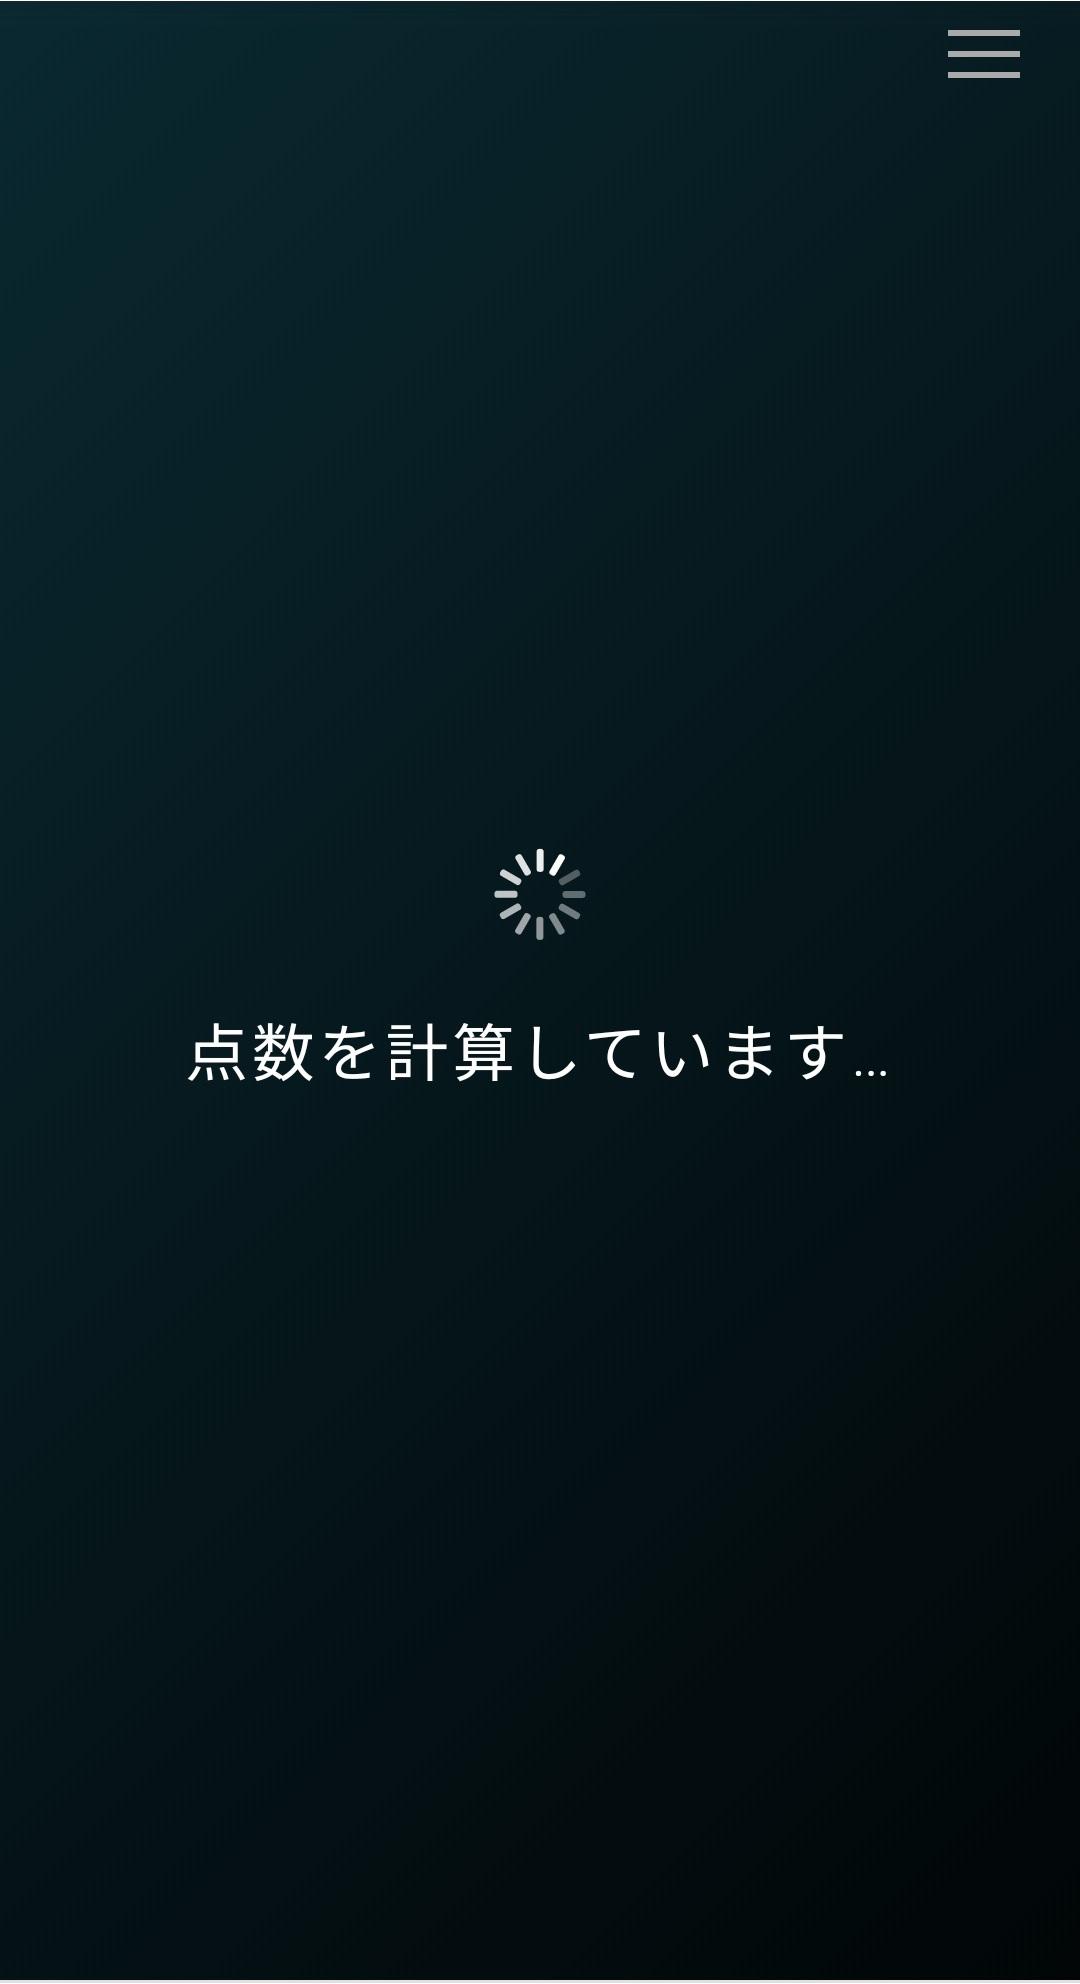 判定 アプリ 美人 Ai